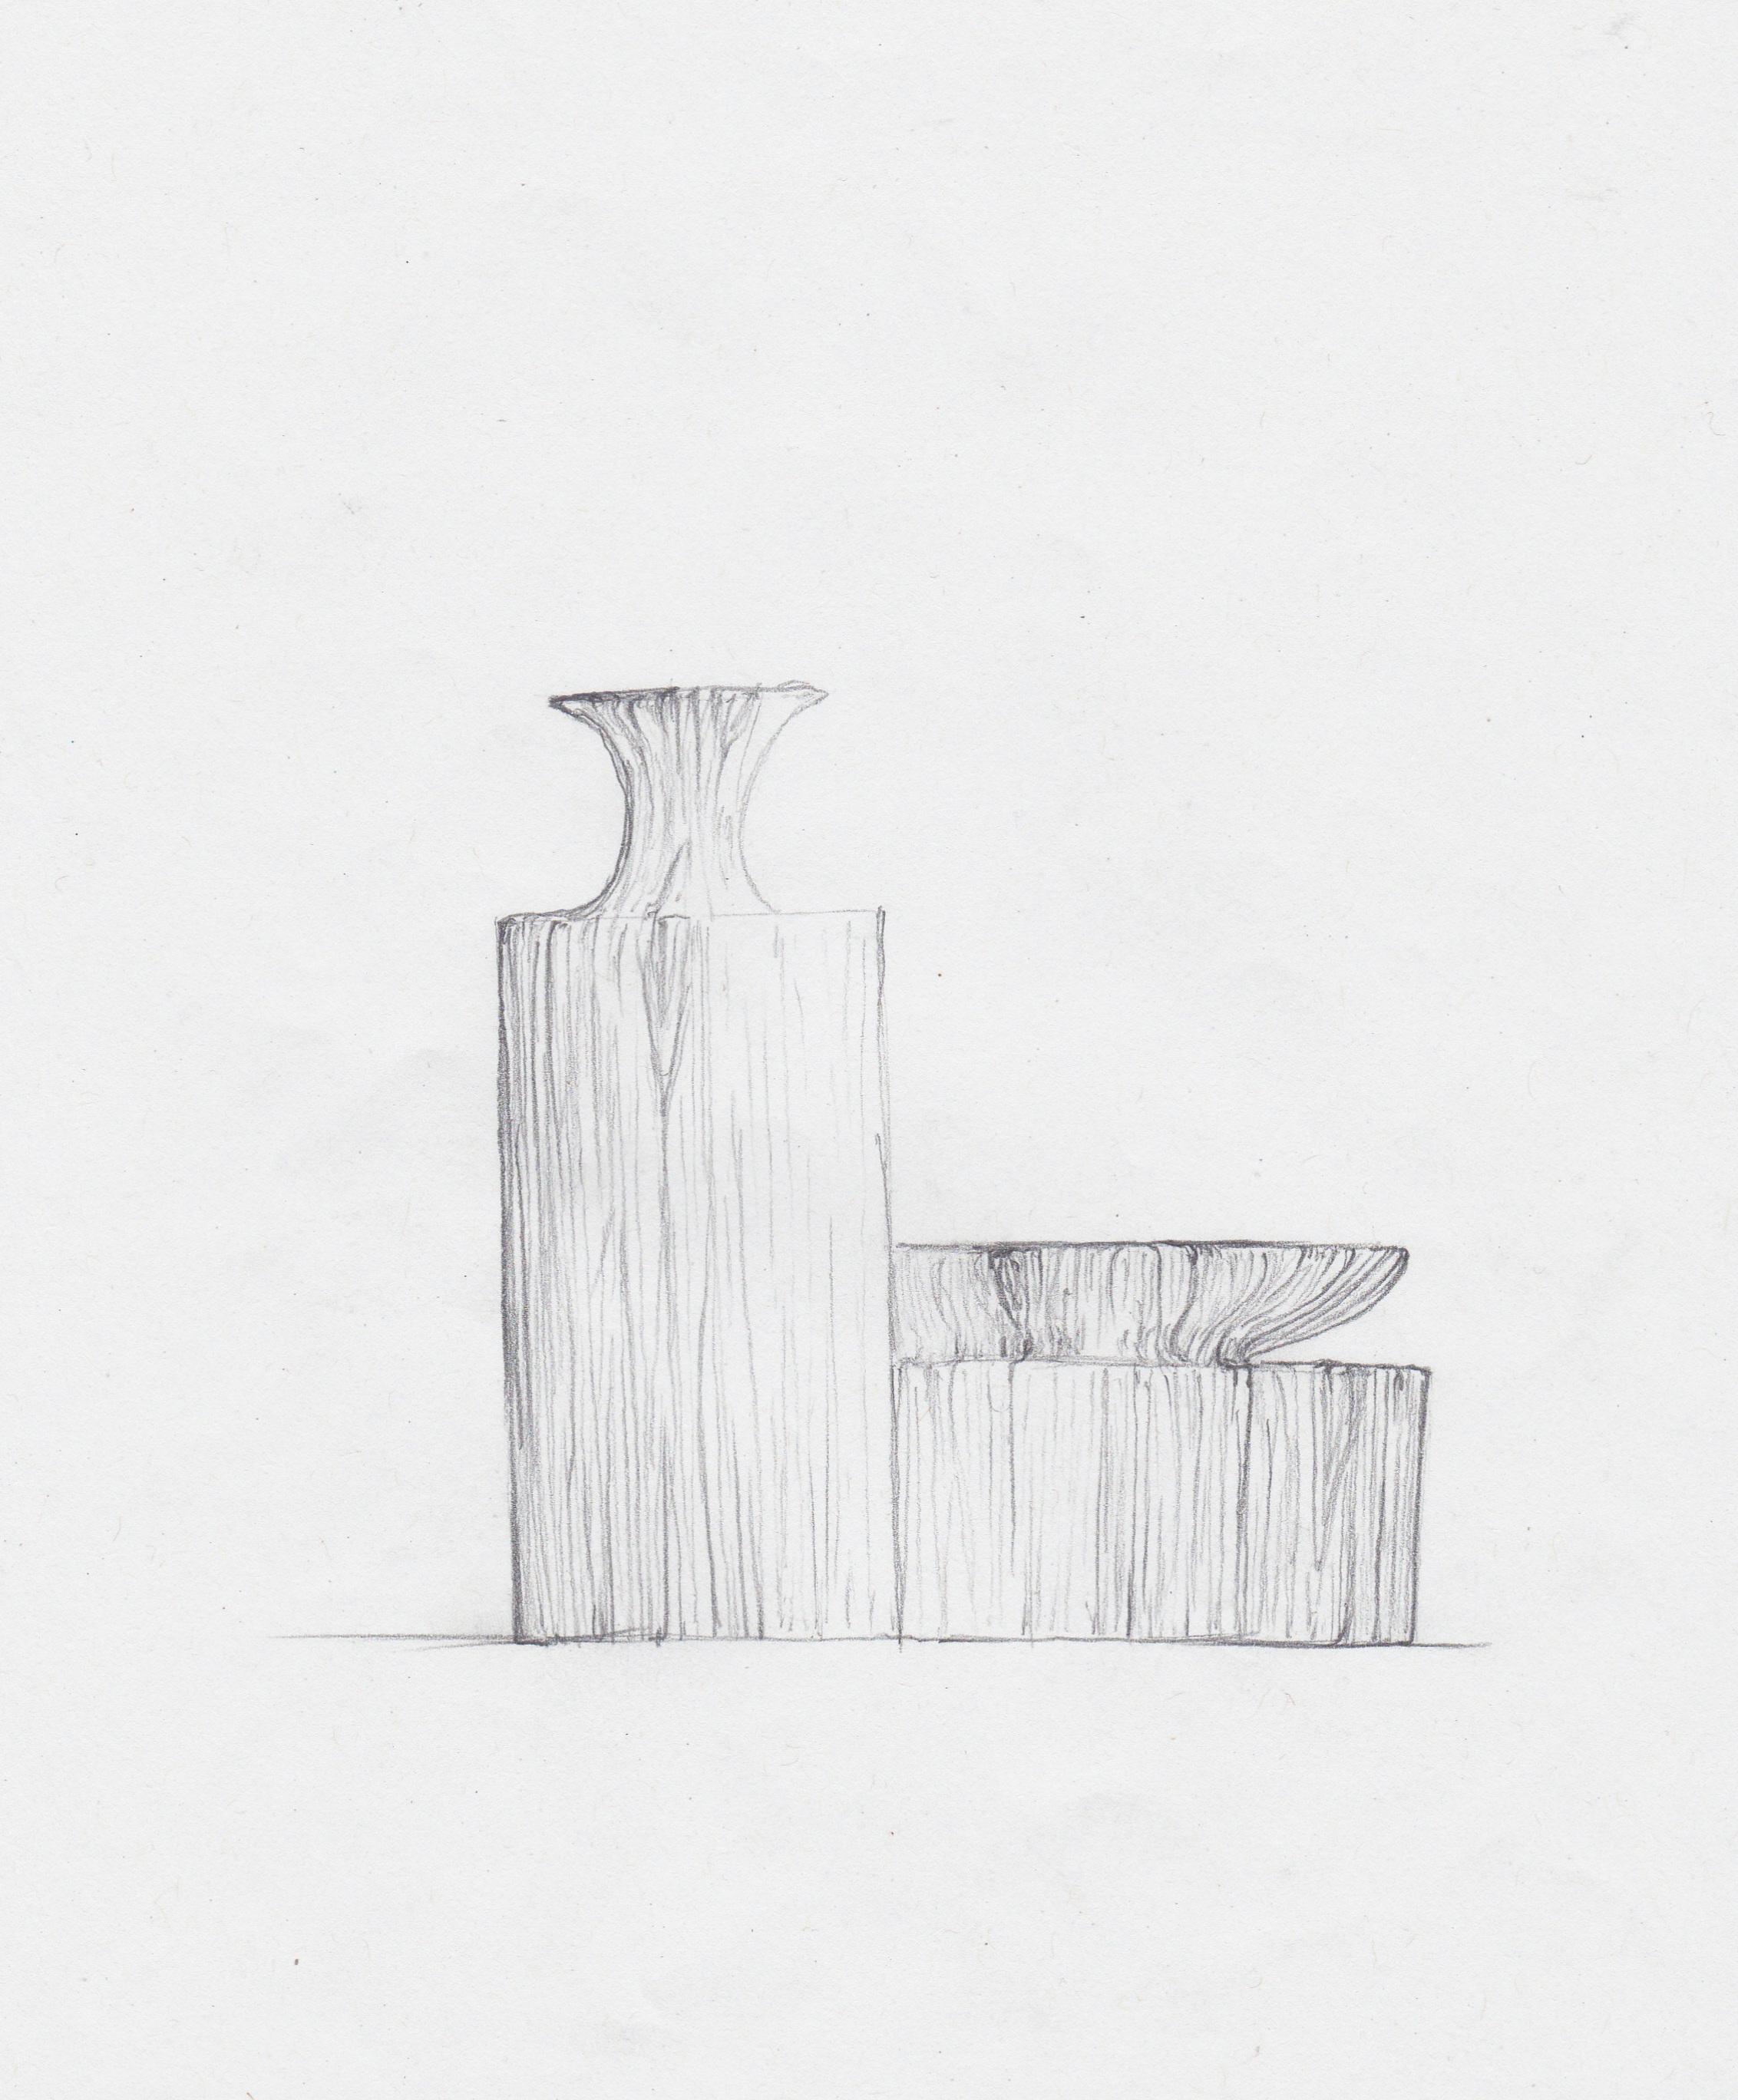 mathieu delacroix_tasso_bowls_drawing